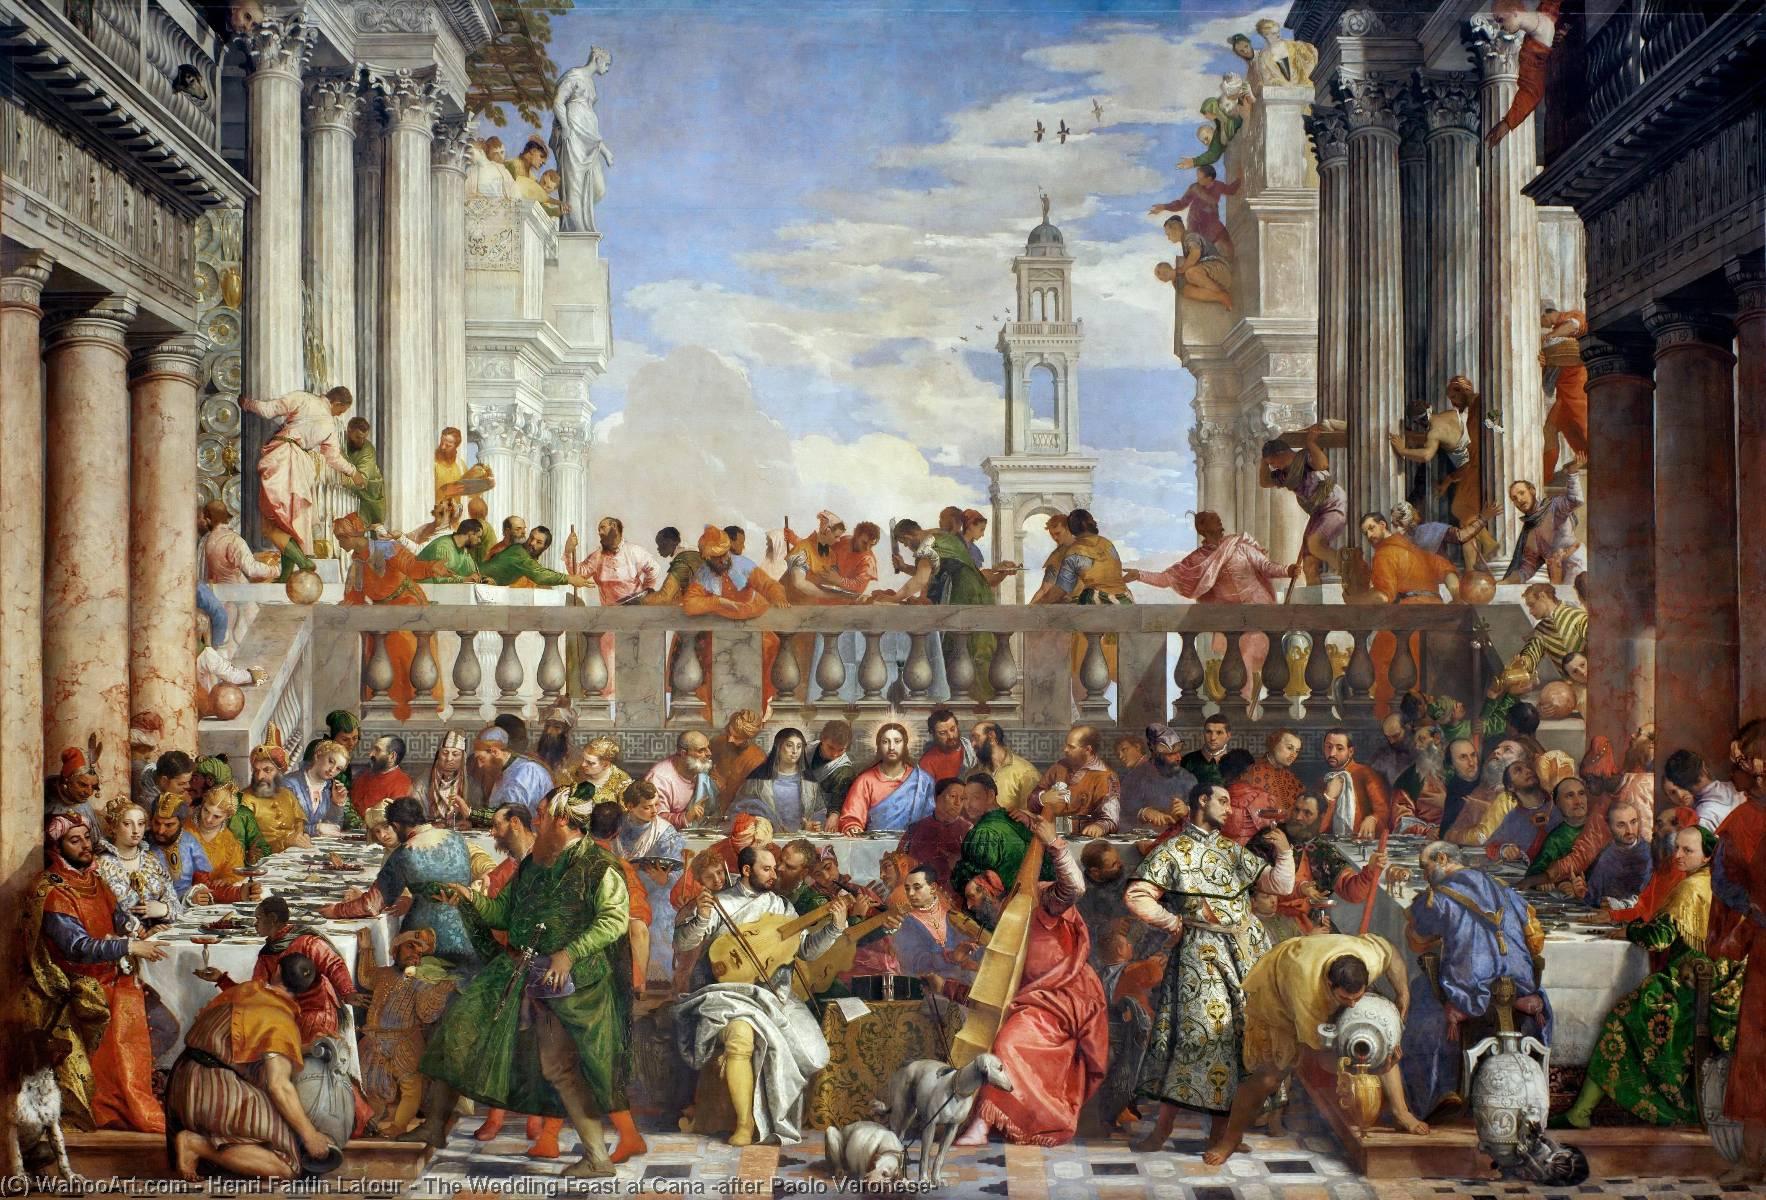 the wedding feast at cana by veronese essay The wedding feast at cana, cana'da düğün, 1565 ressam paolo caliari veronese veronese venedik'in en ünlü ressamıdır cana'da düğün tablosu dünyanın en büyük resimlerinden biridir 6,6 m x 9,9 m ölçülerinde aşağıdaki resmi louvre müzesinde çekmiştim masada dönemin en önemli kralları, kraliçeleri yer alır.